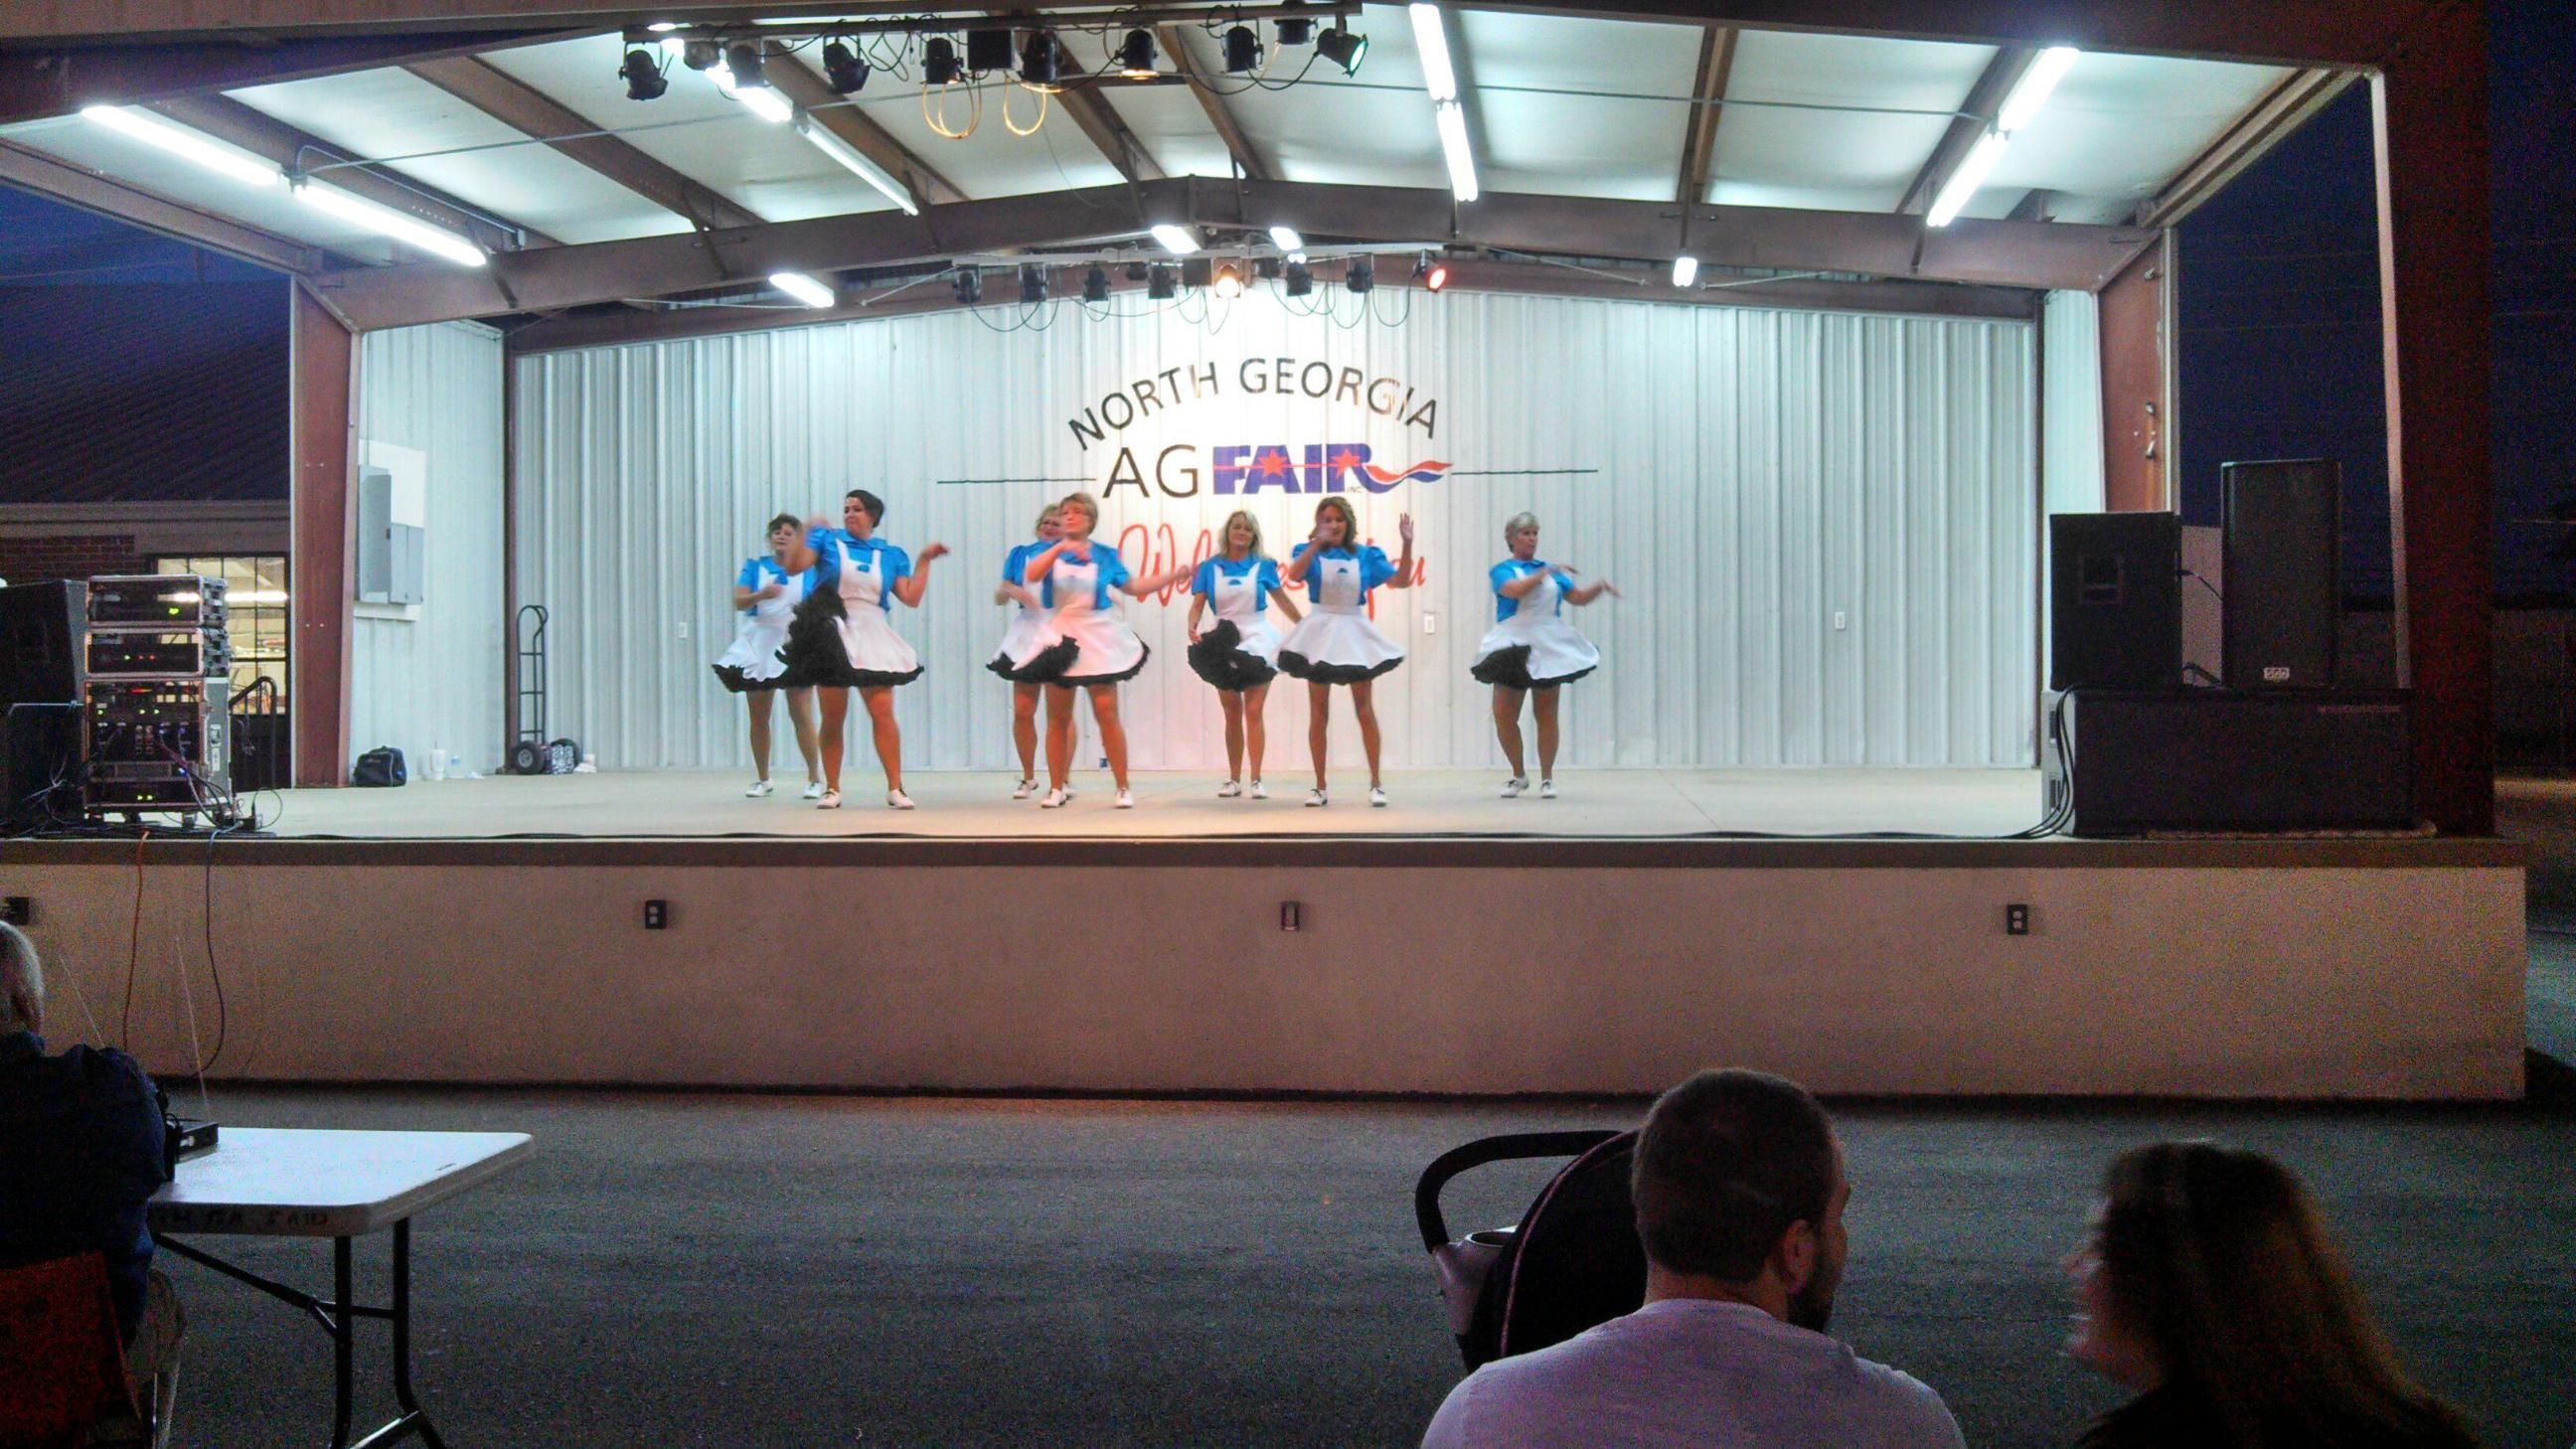 Eudora Farms Show References  North Georgia Fair Dalton